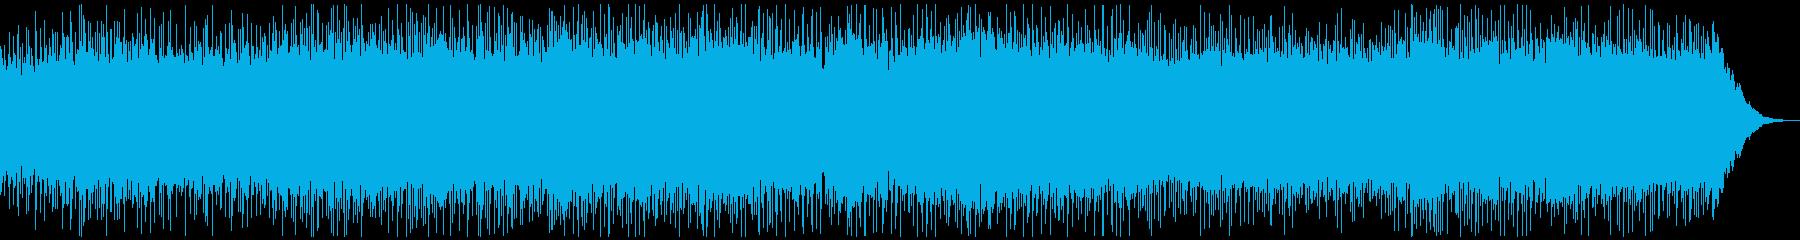 疾走感のあるエレキギターロックの再生済みの波形